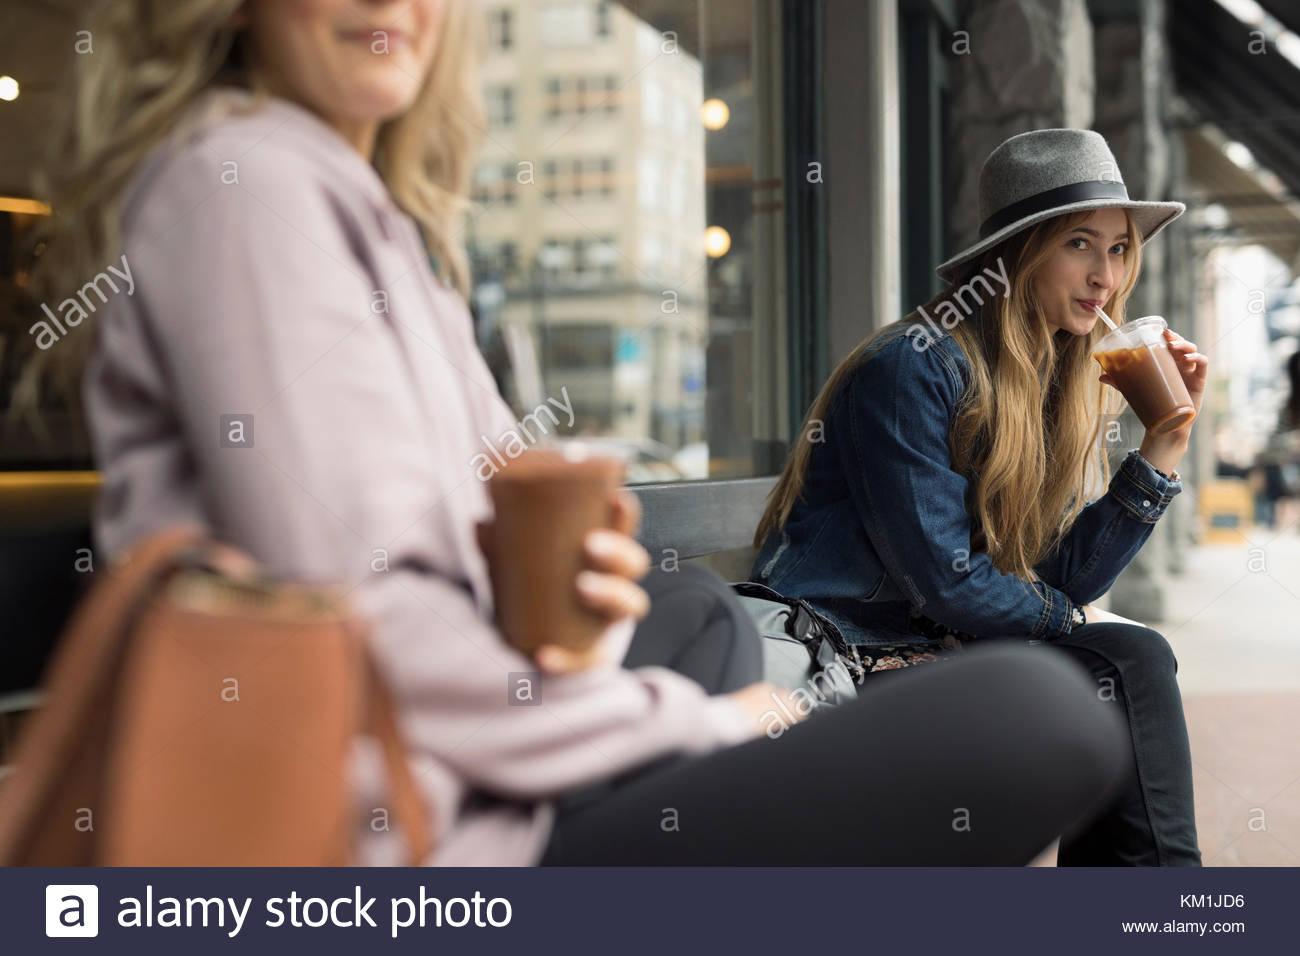 Les jeunes femmes les amis de boire un café glacé sur banc at sidewalk cafe Photo Stock